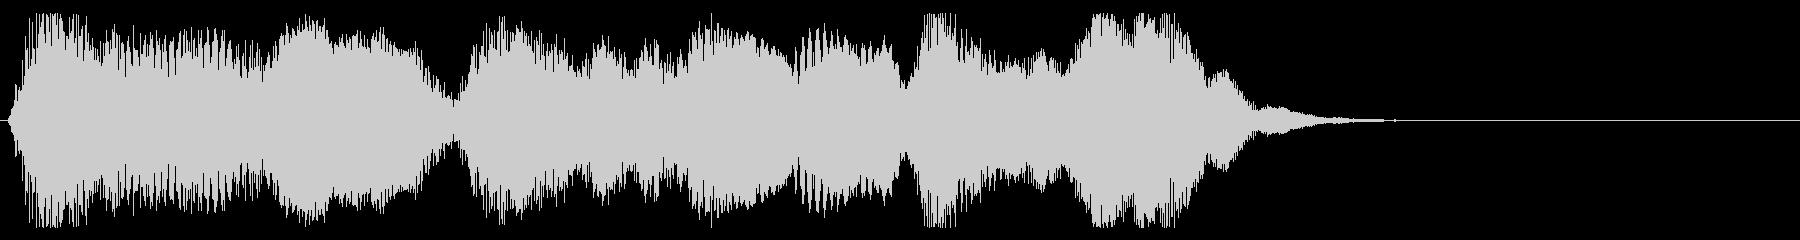 リザルトなどの未再生の波形